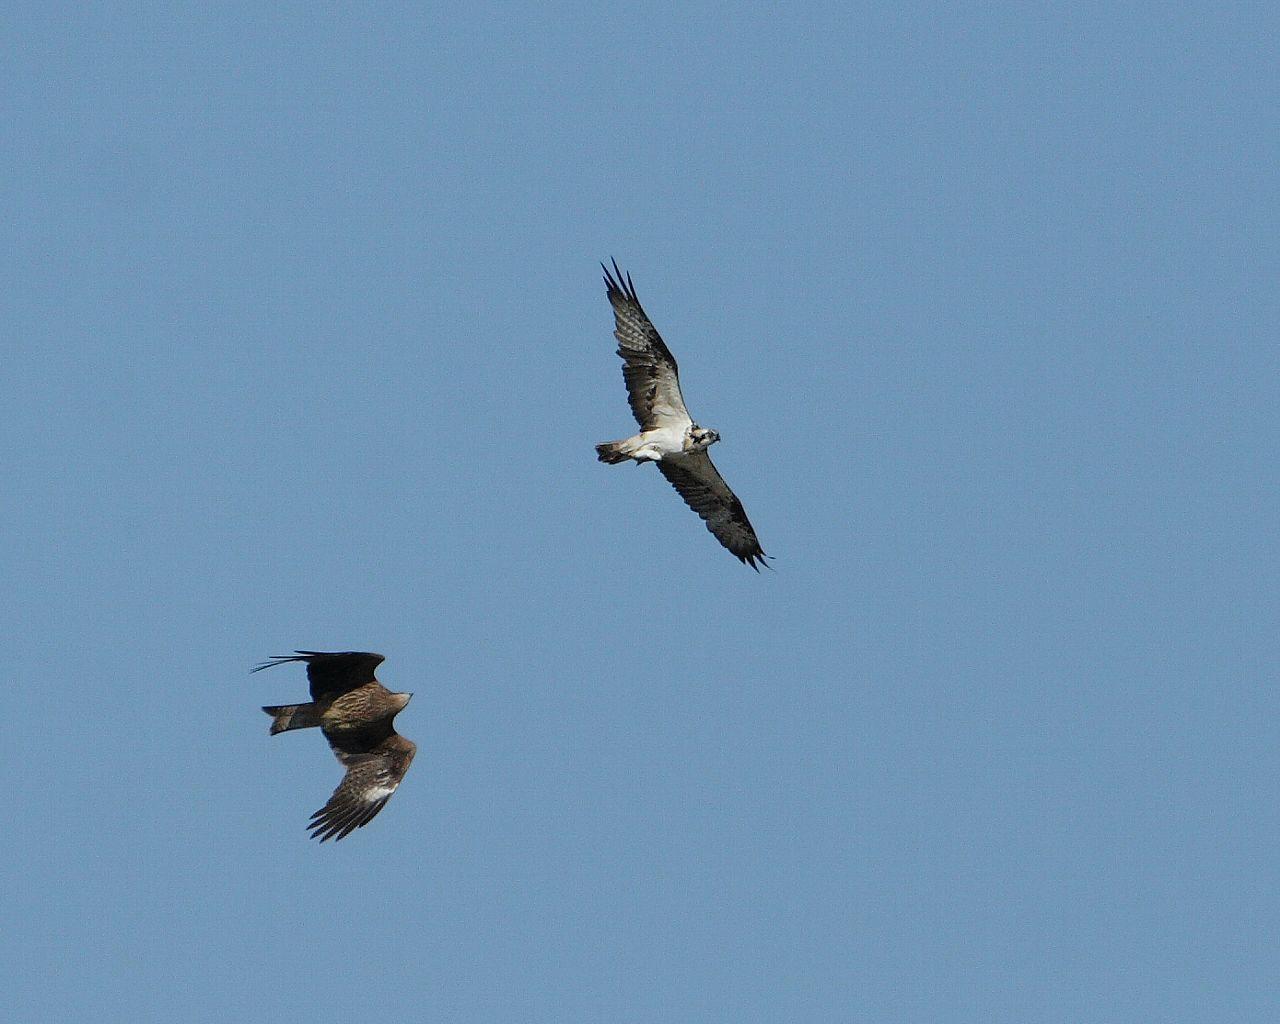 ミサゴの獲物を横取りしようとするトビ(青空バックに猛禽2羽の壮絶な戦いの壁紙)_f0105570_220085.jpg